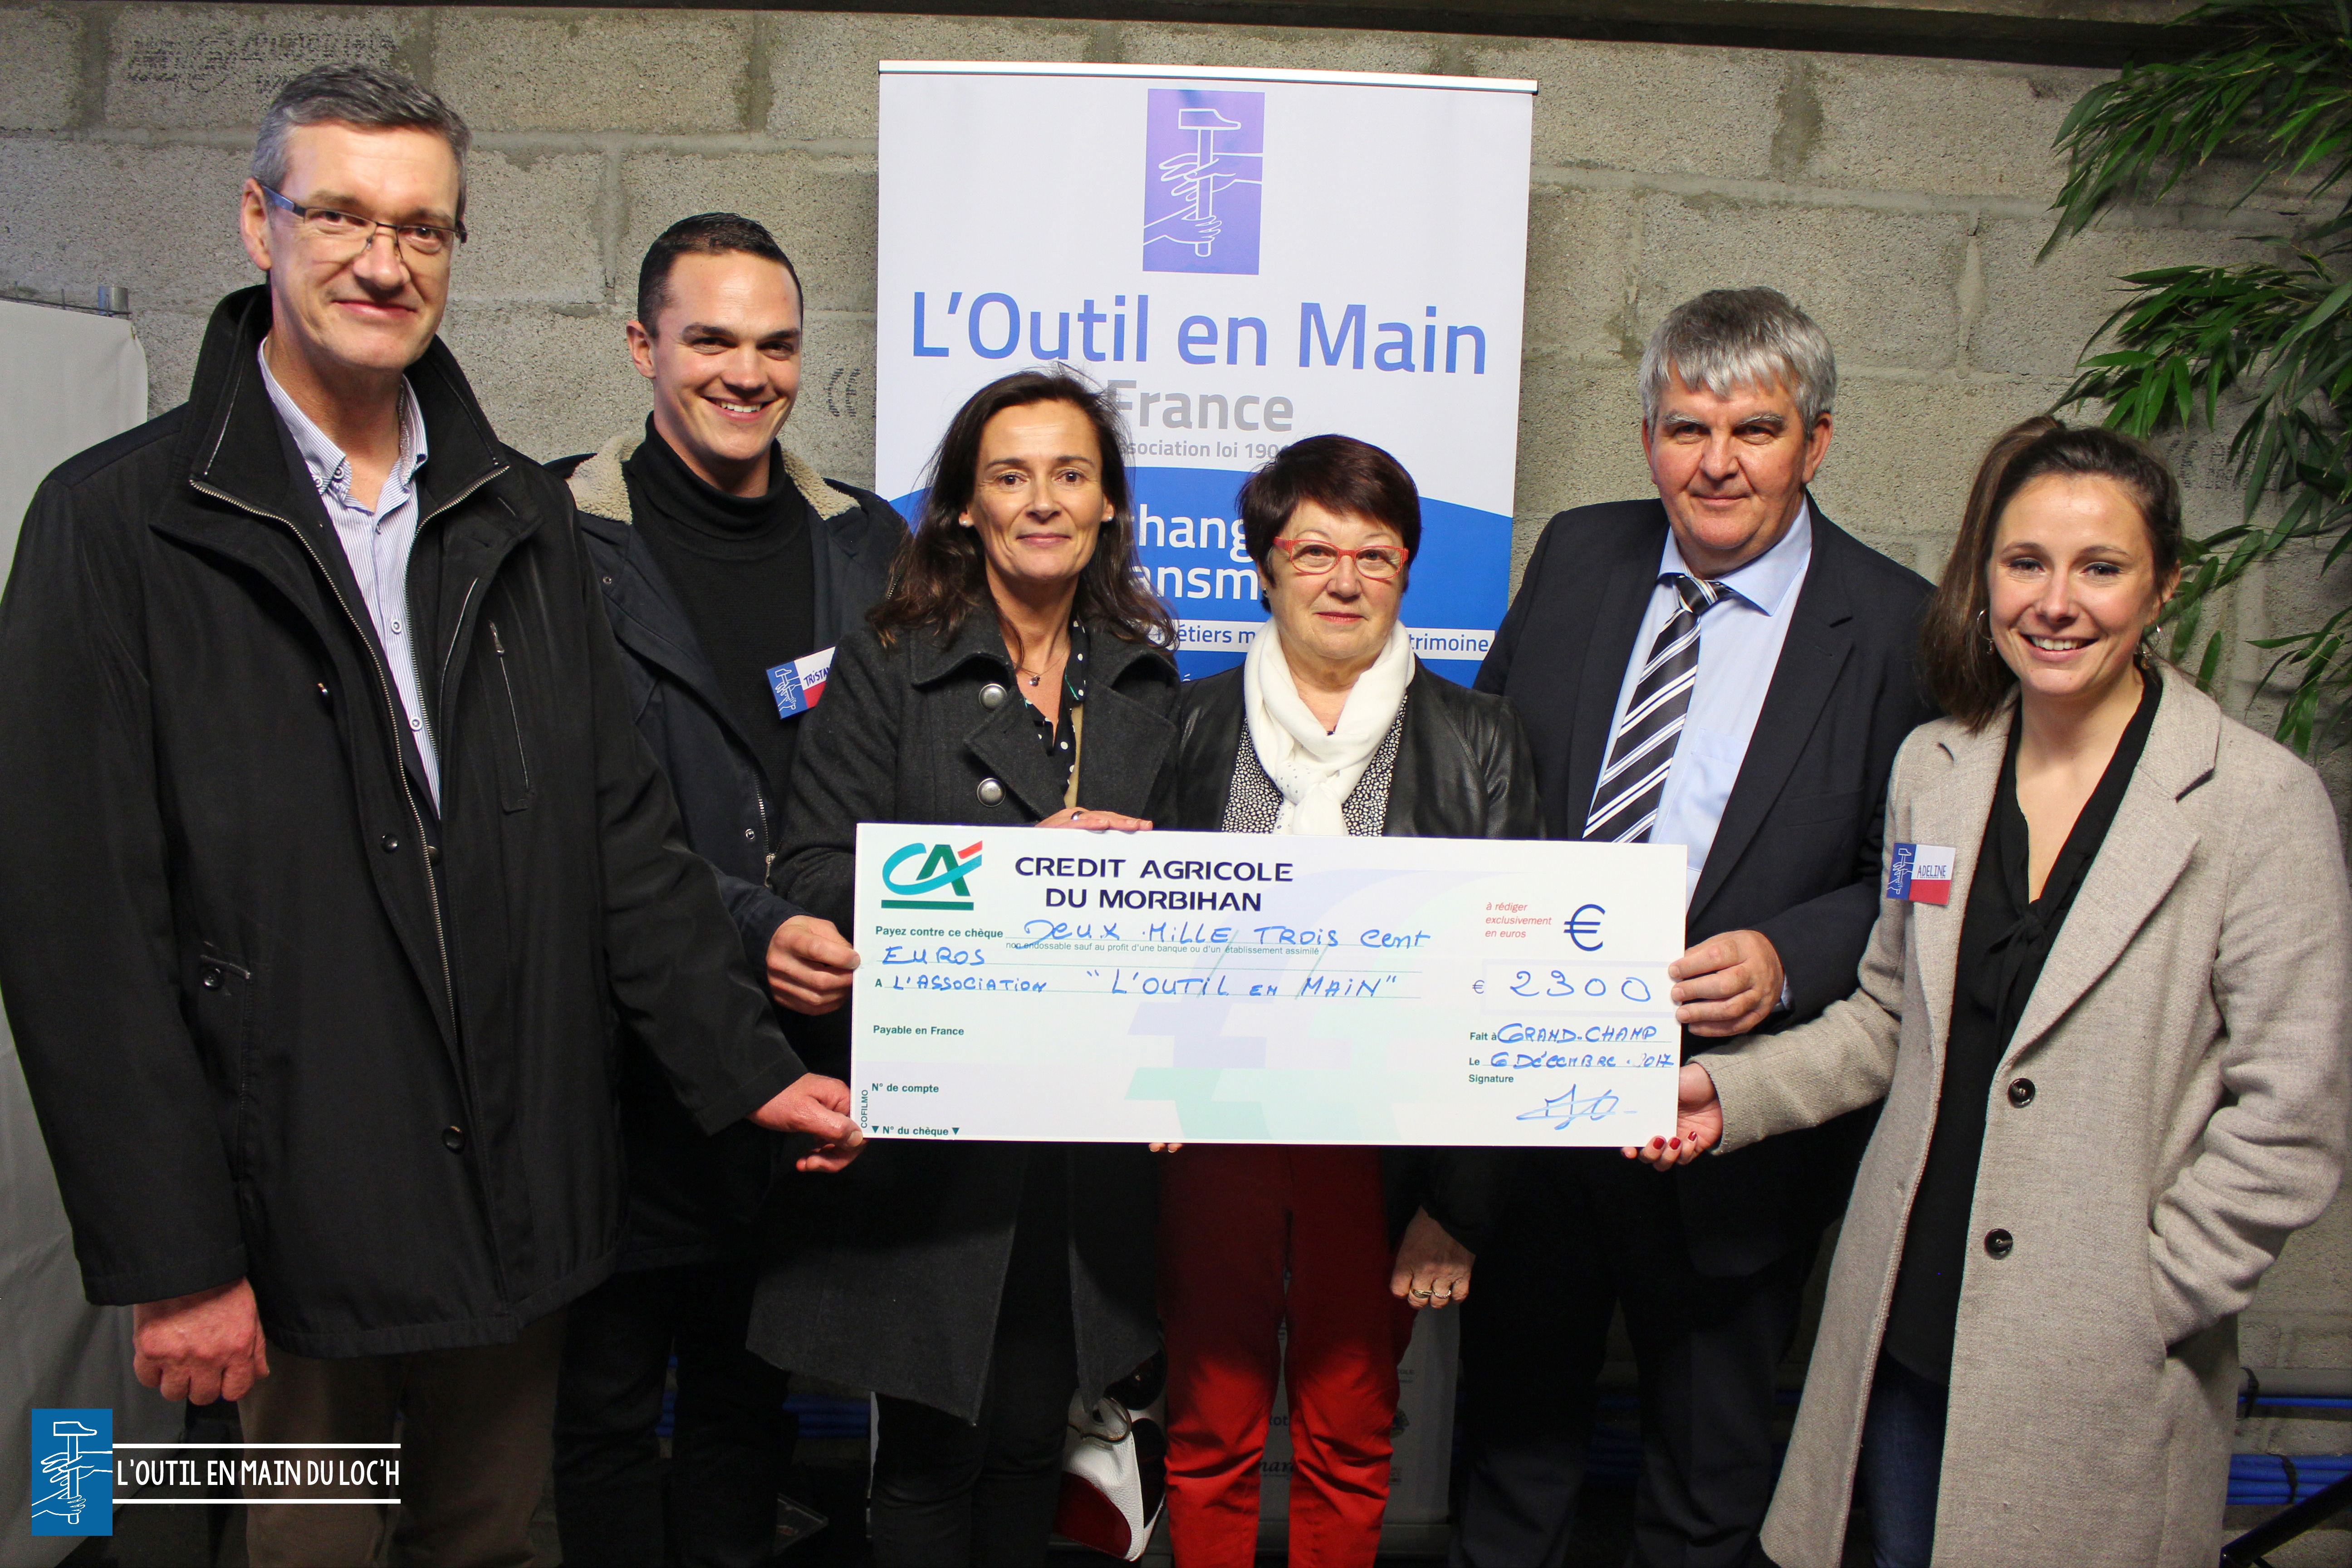 outil-en-main-loch-credit-agricole-offre-2300-euros